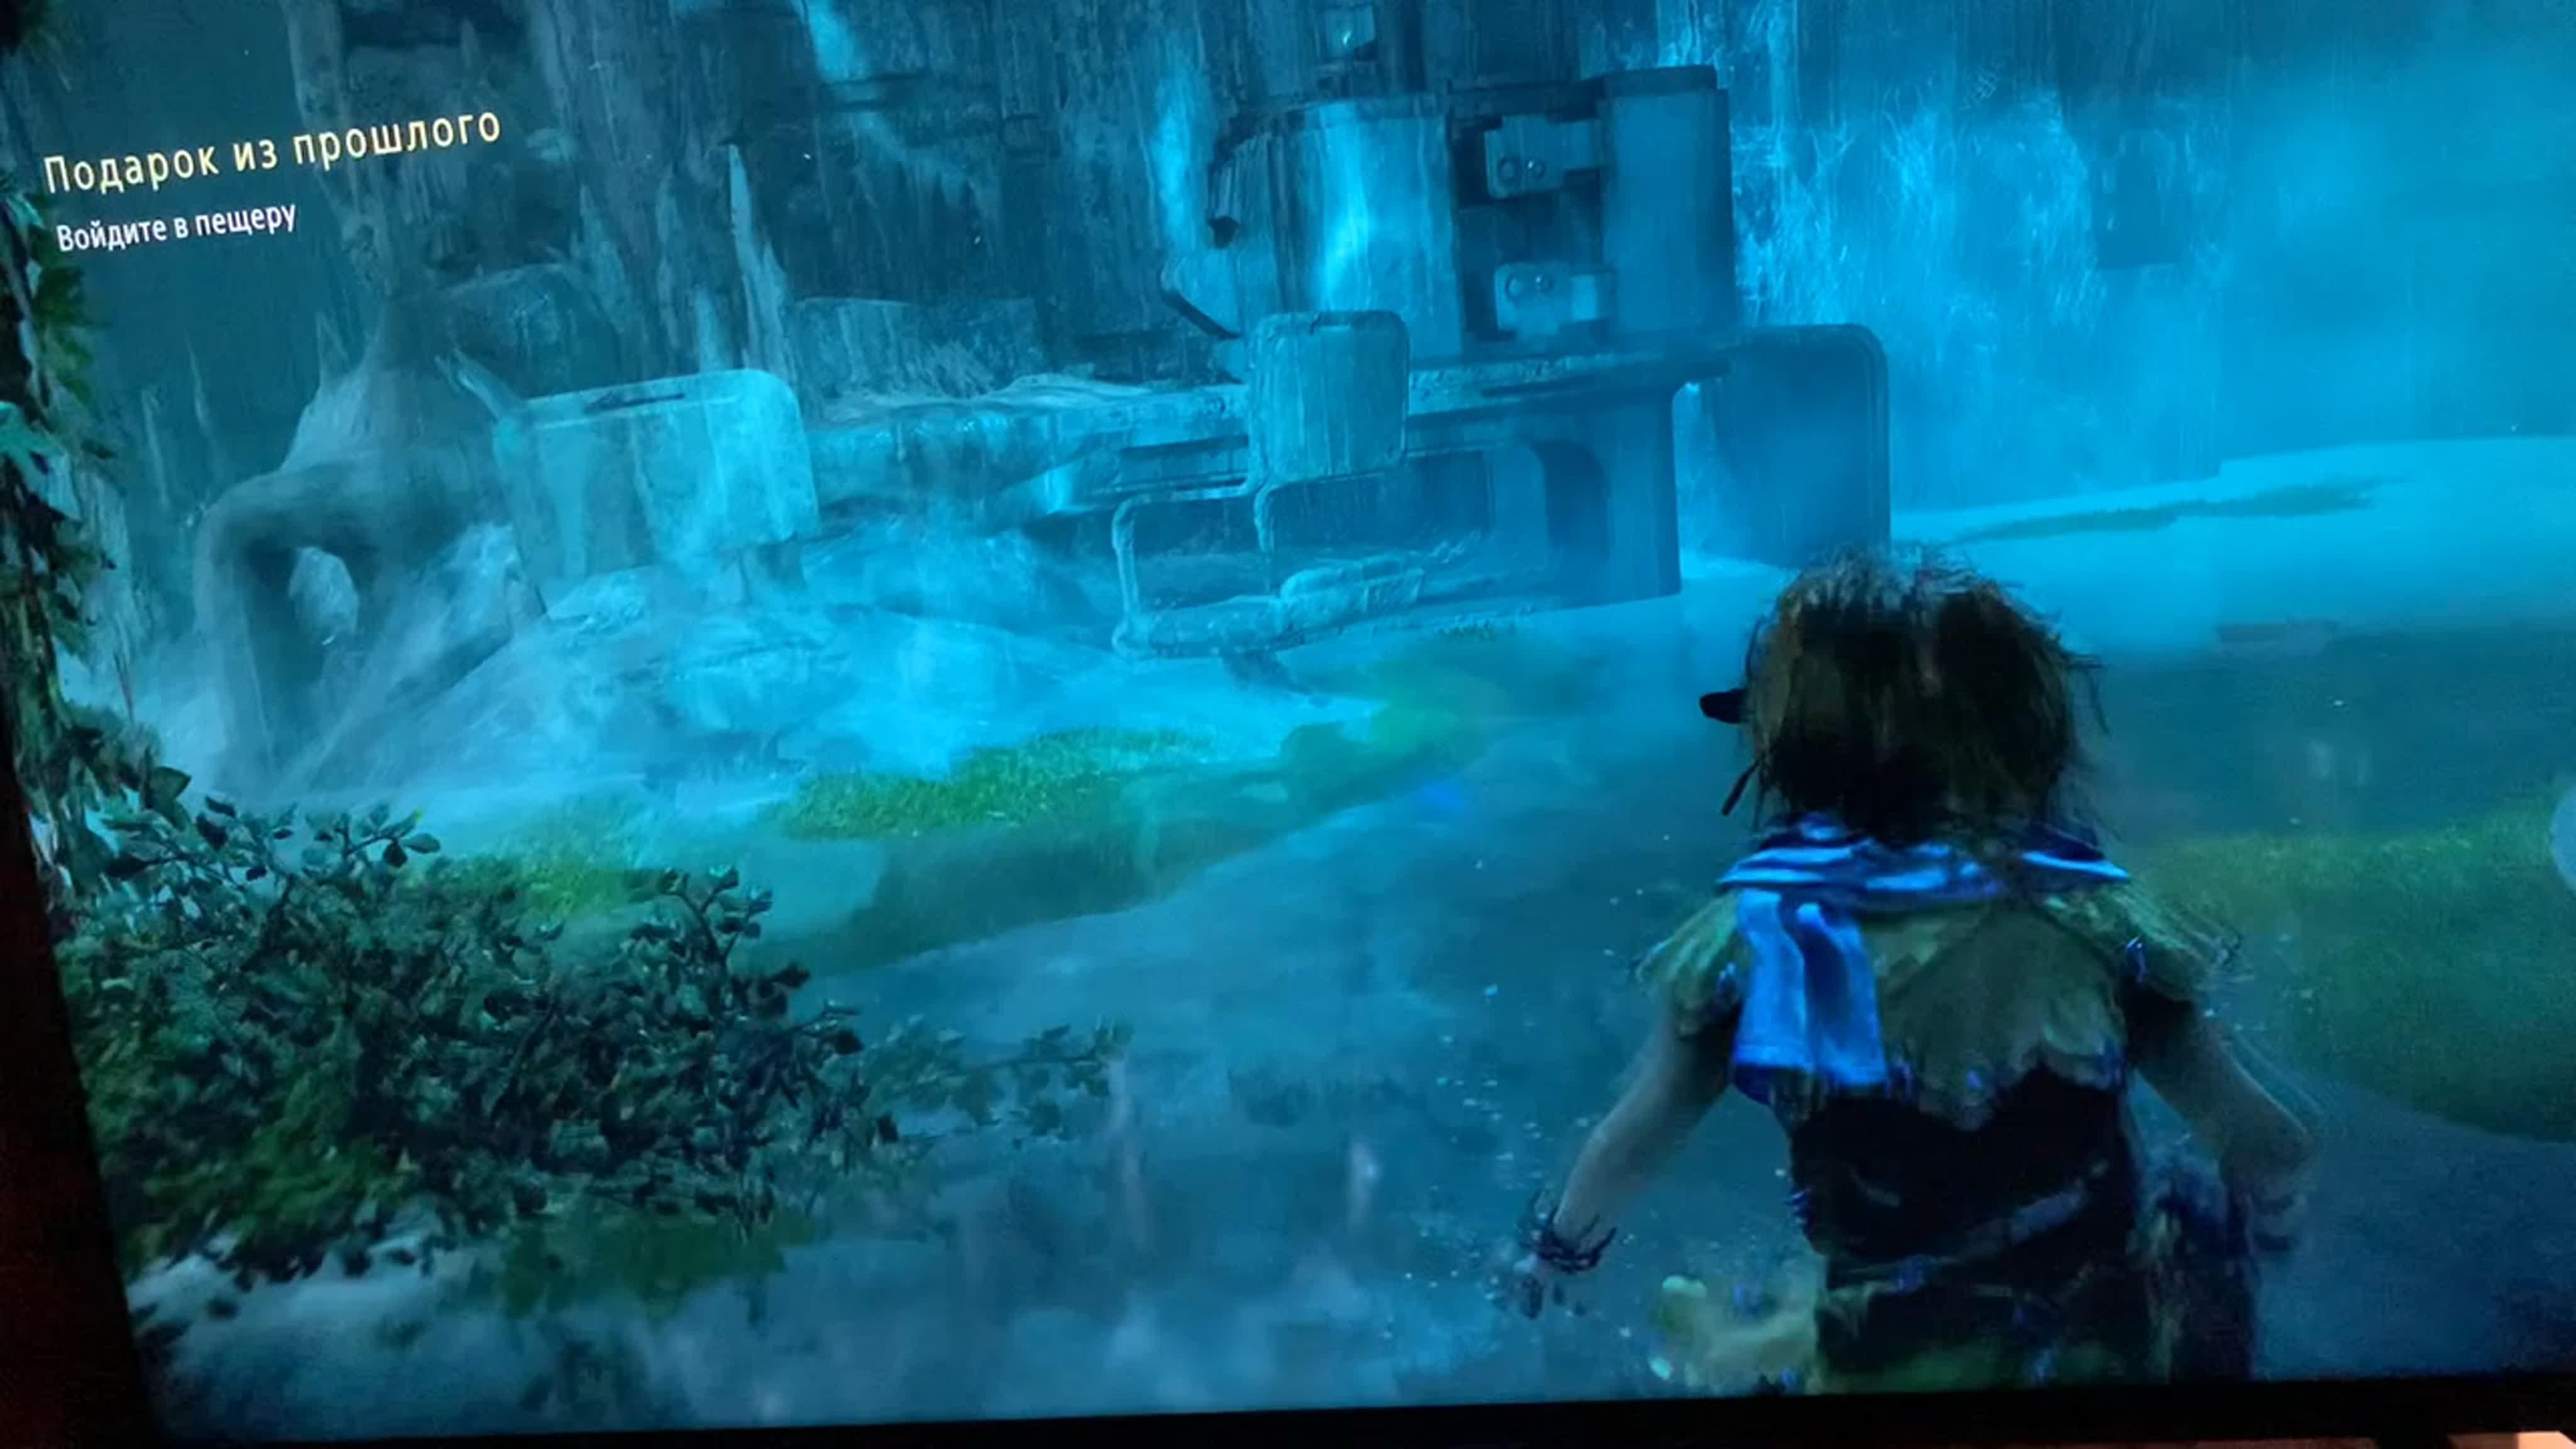 PS4 pro в идеальном состоянии.